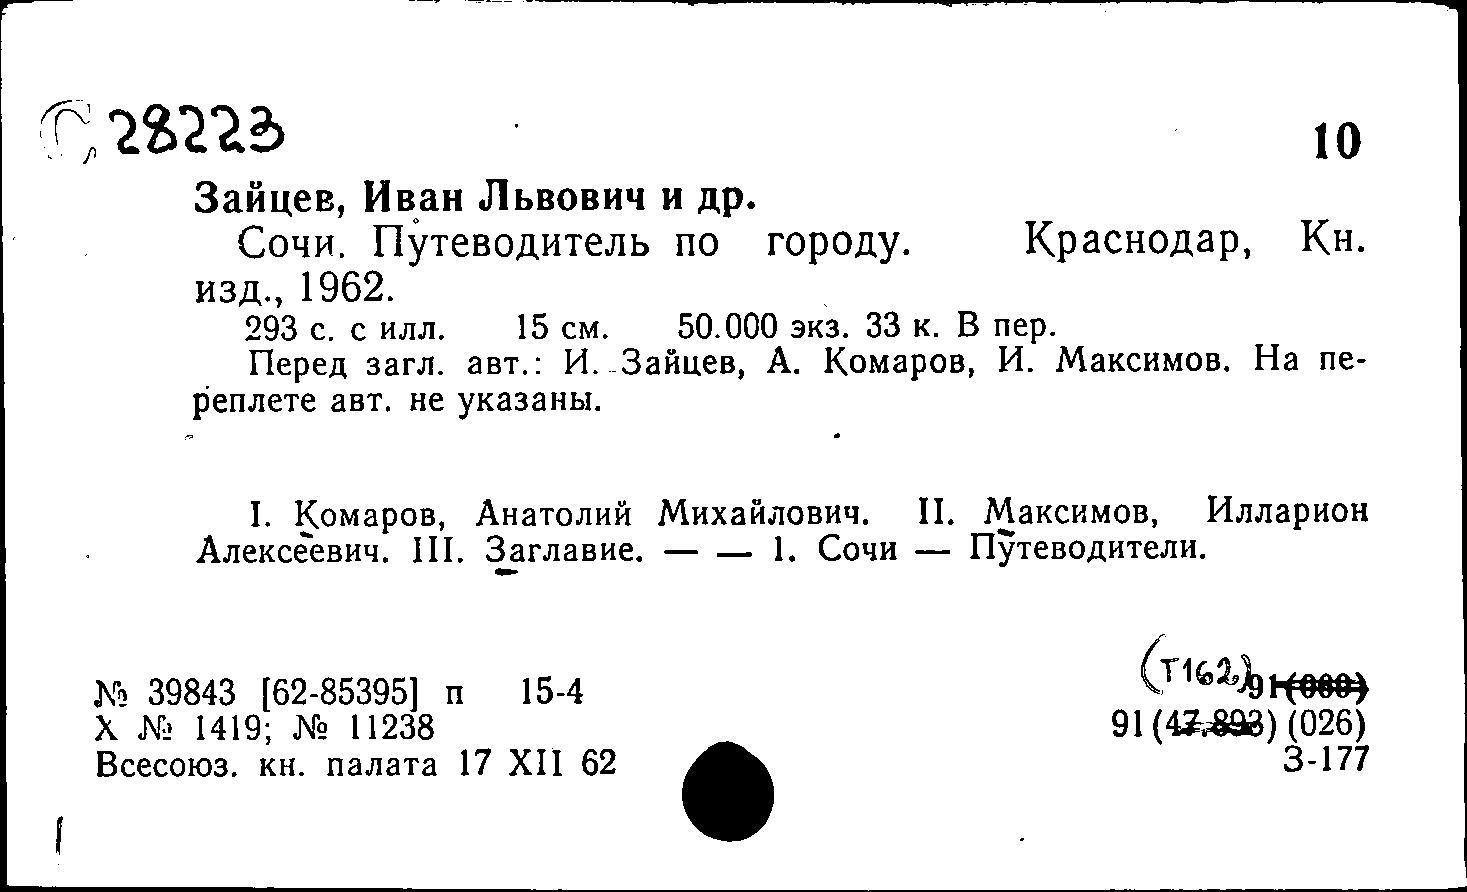 Таджикском государственном комаров анатолий михайлович екатеринбург Ленинград Экспонат